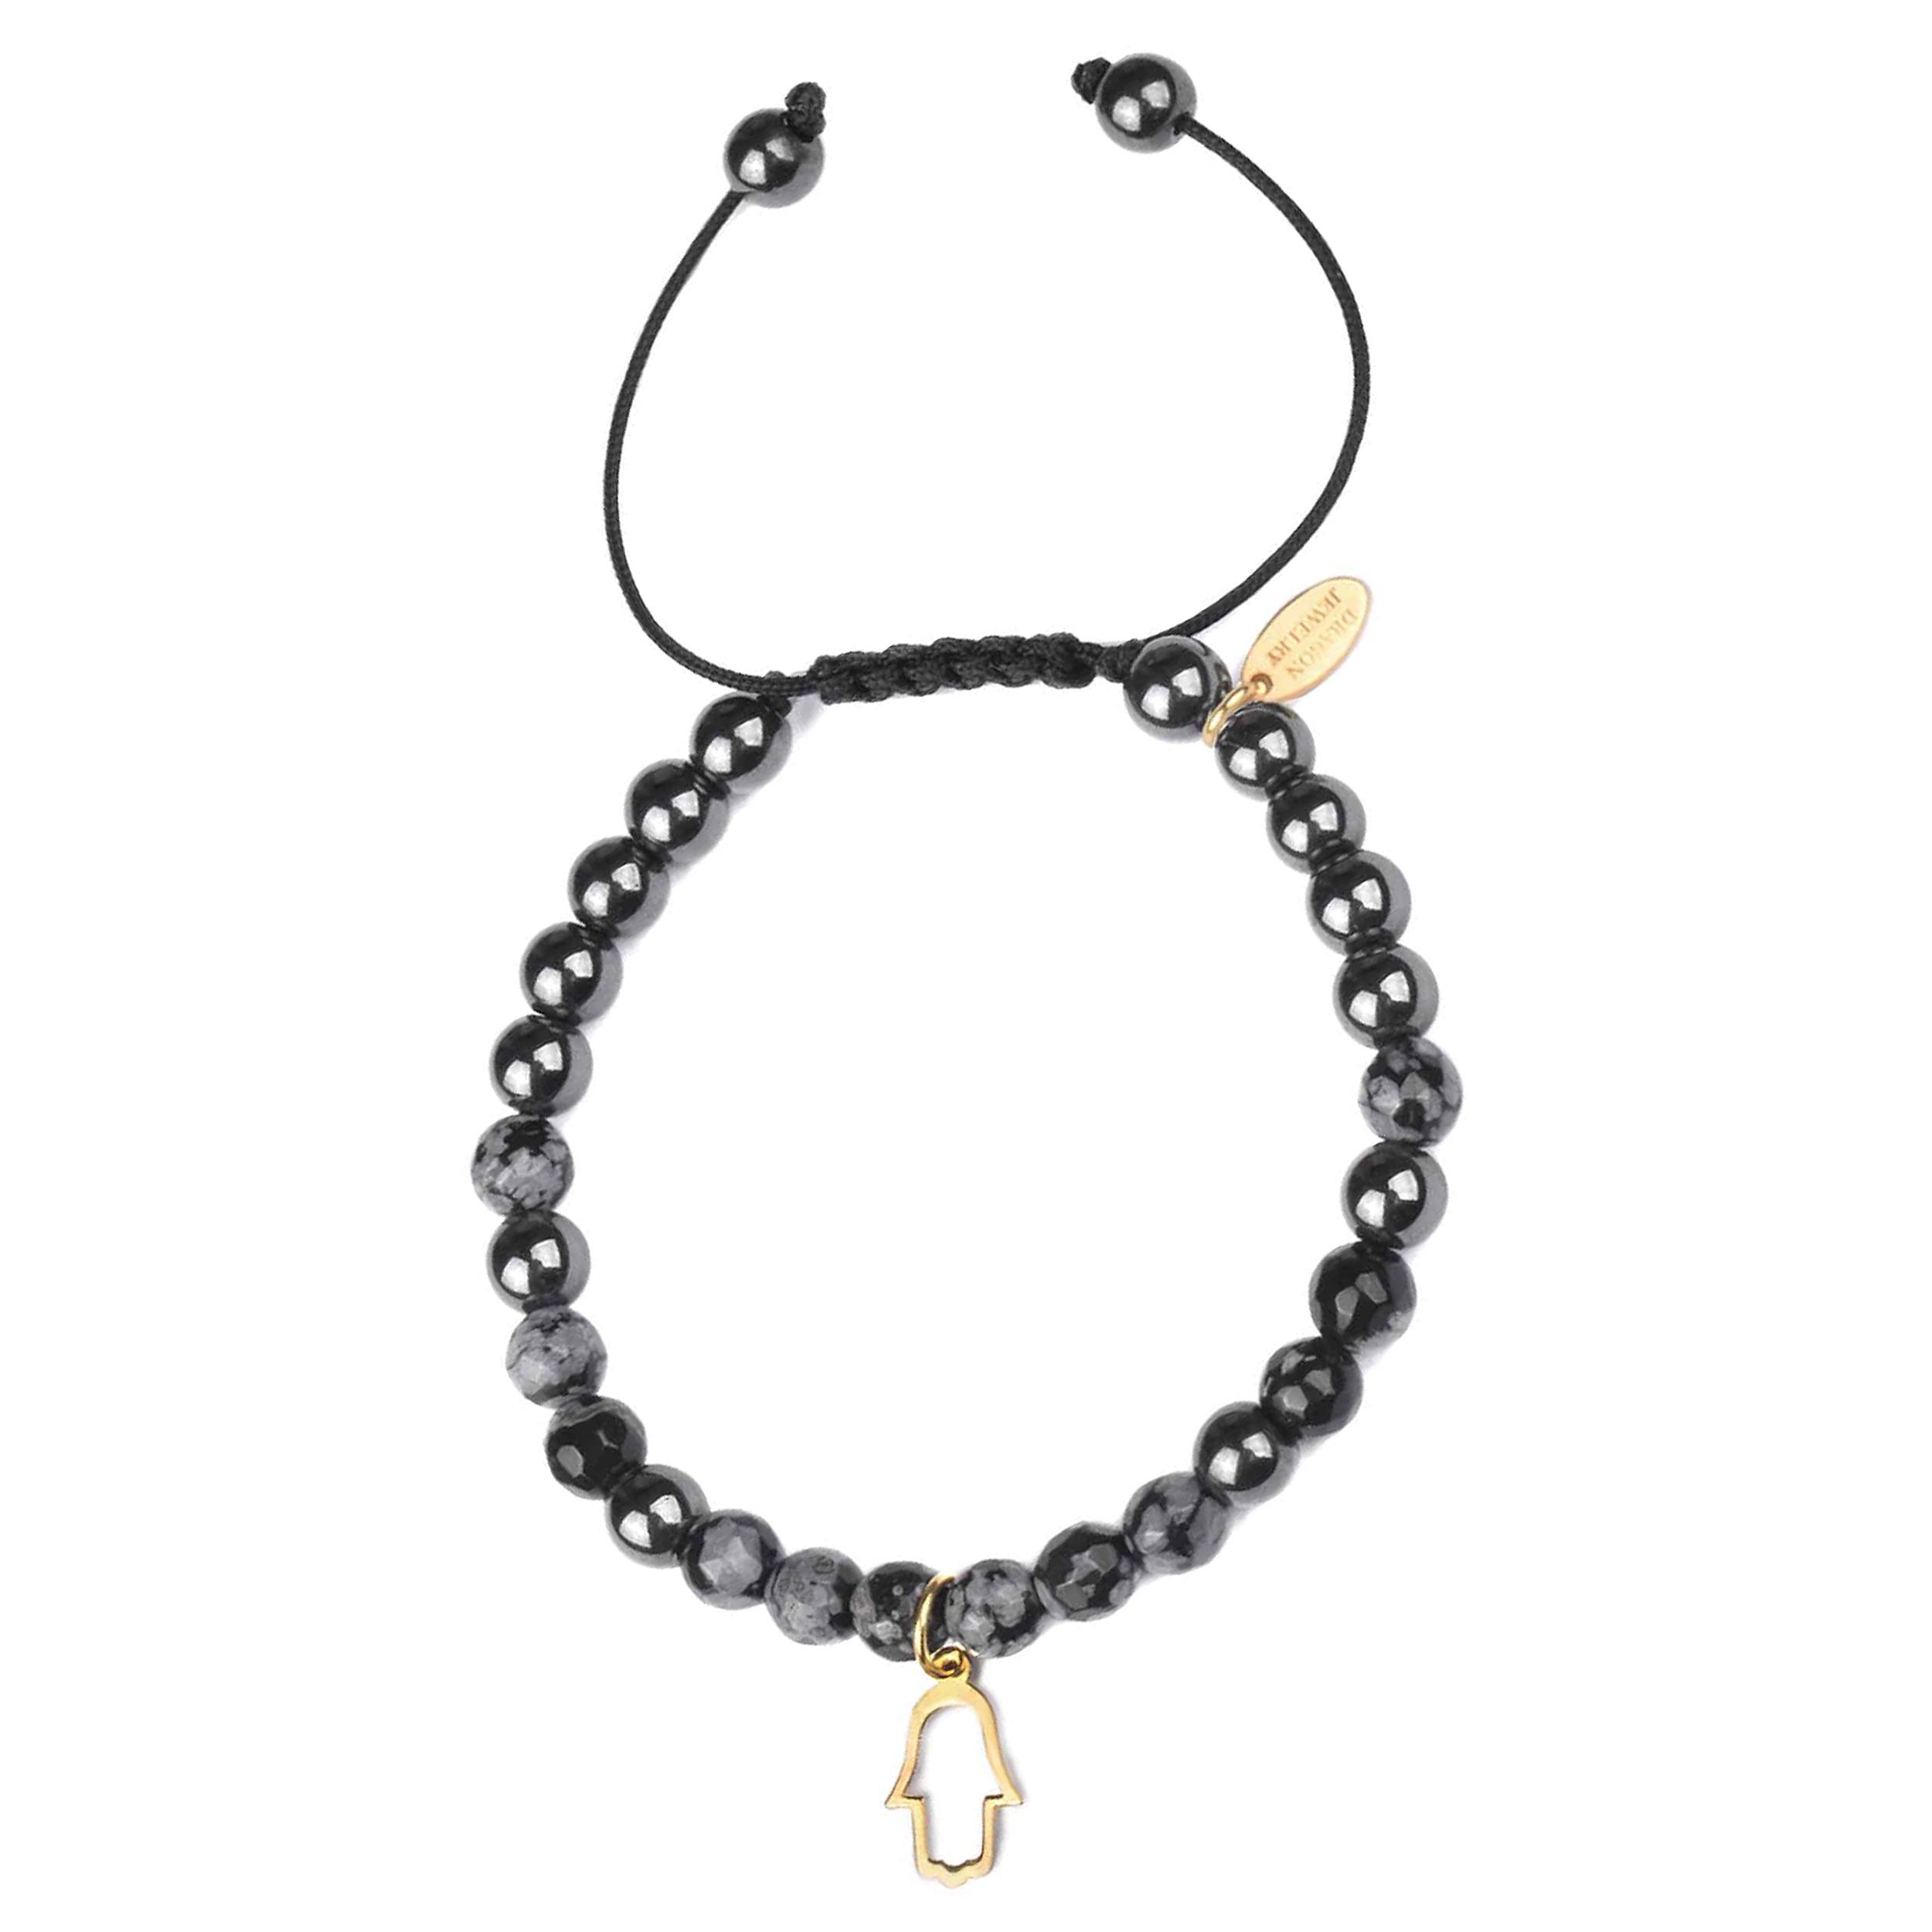 دستبند طلا 18 عیار زنانه درگون جولری مدل BG5